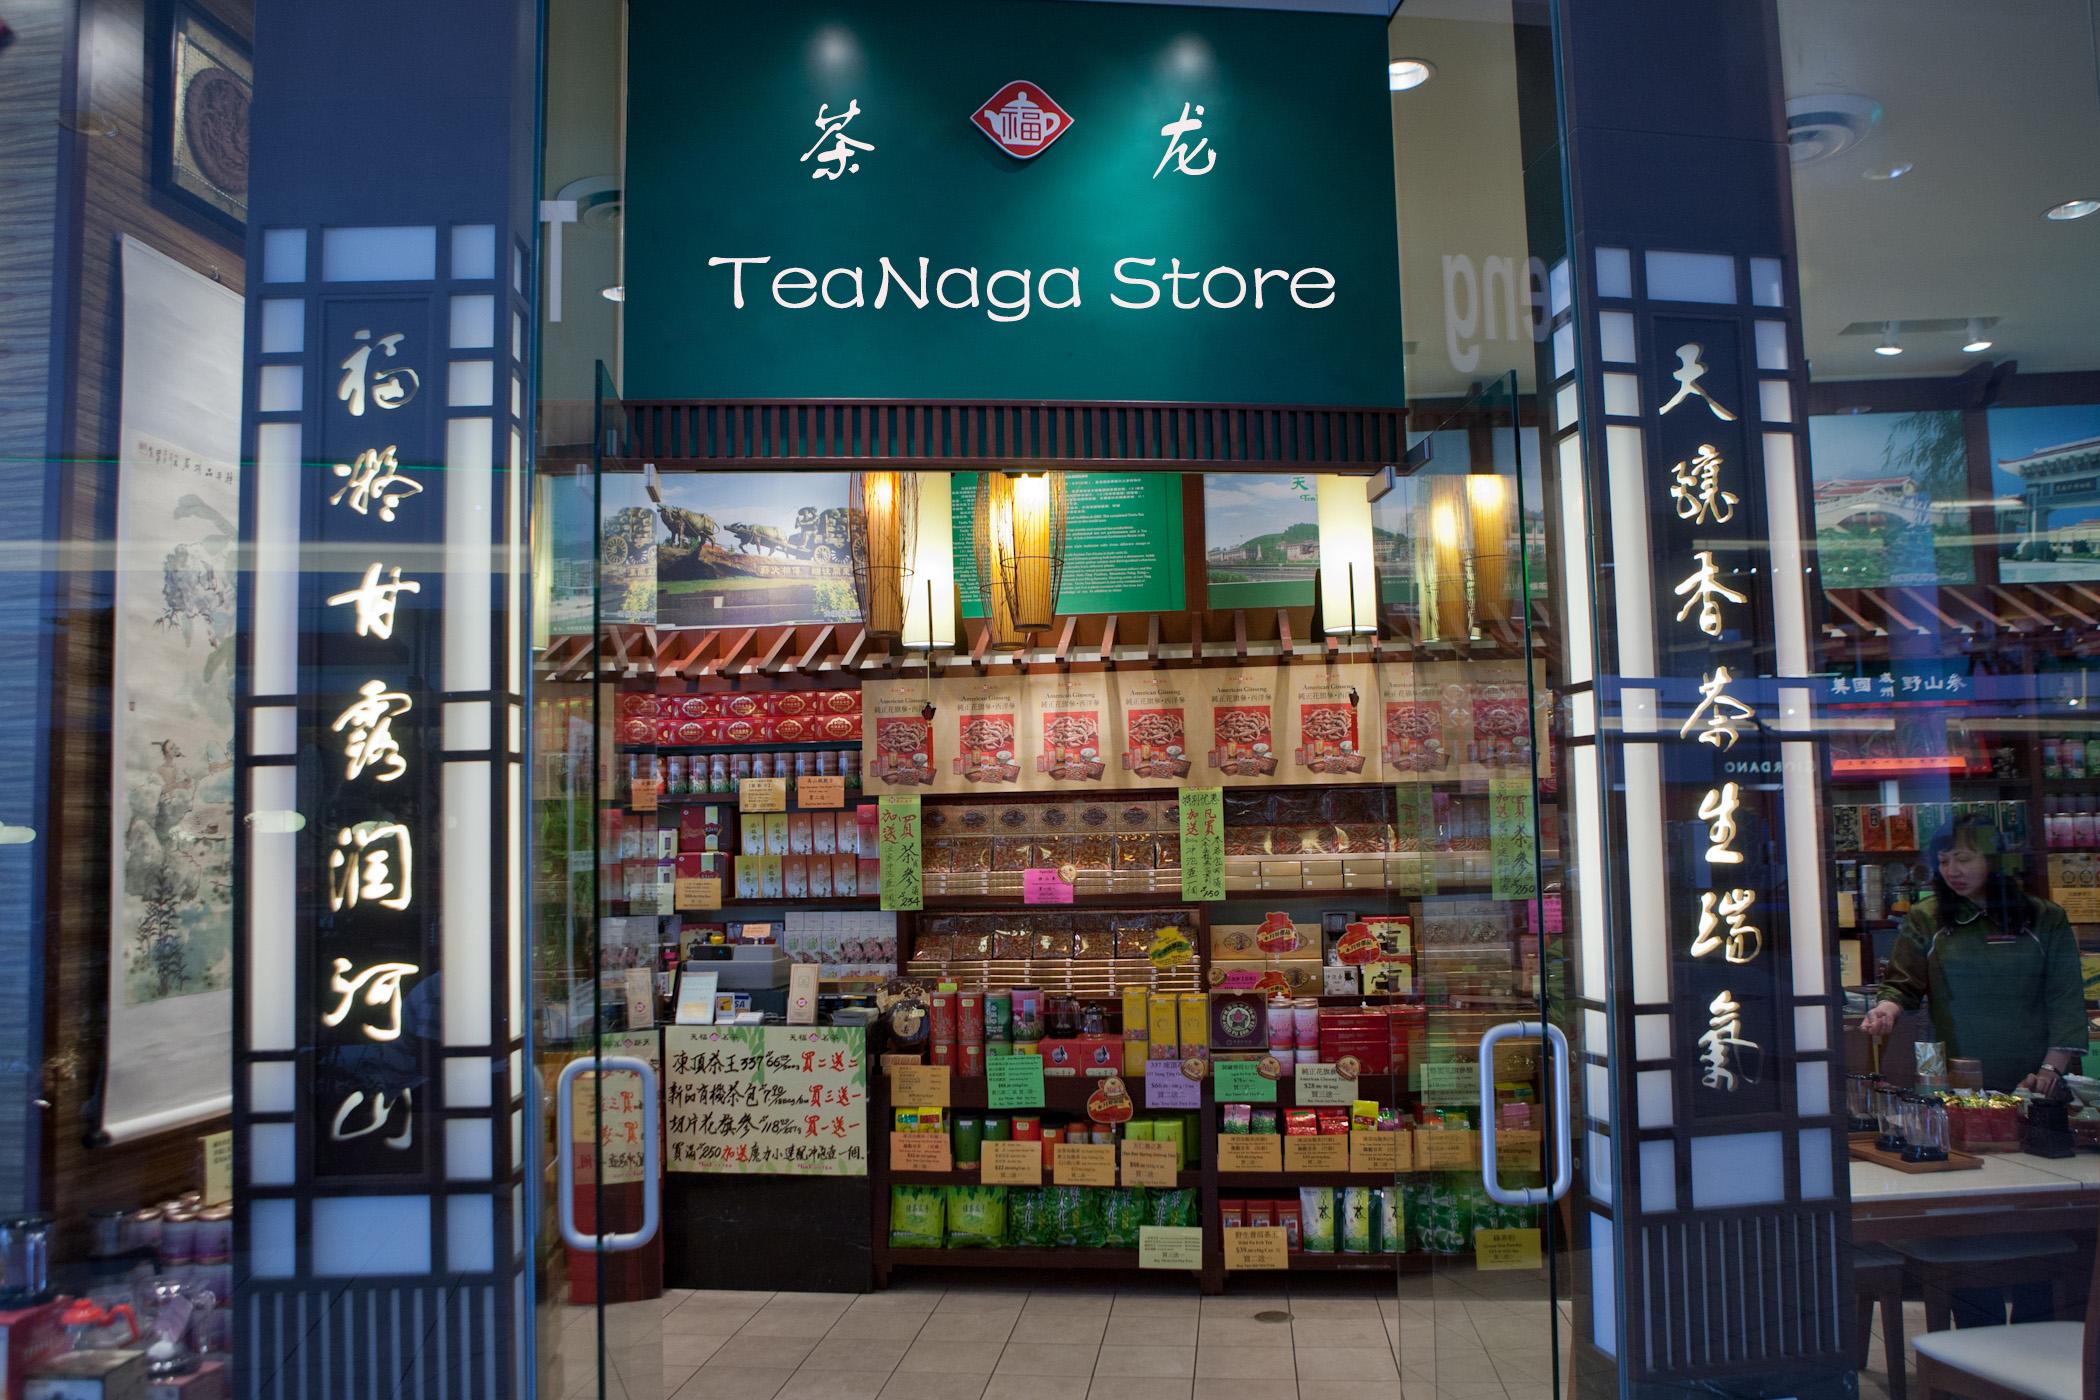 TeaNaga Store